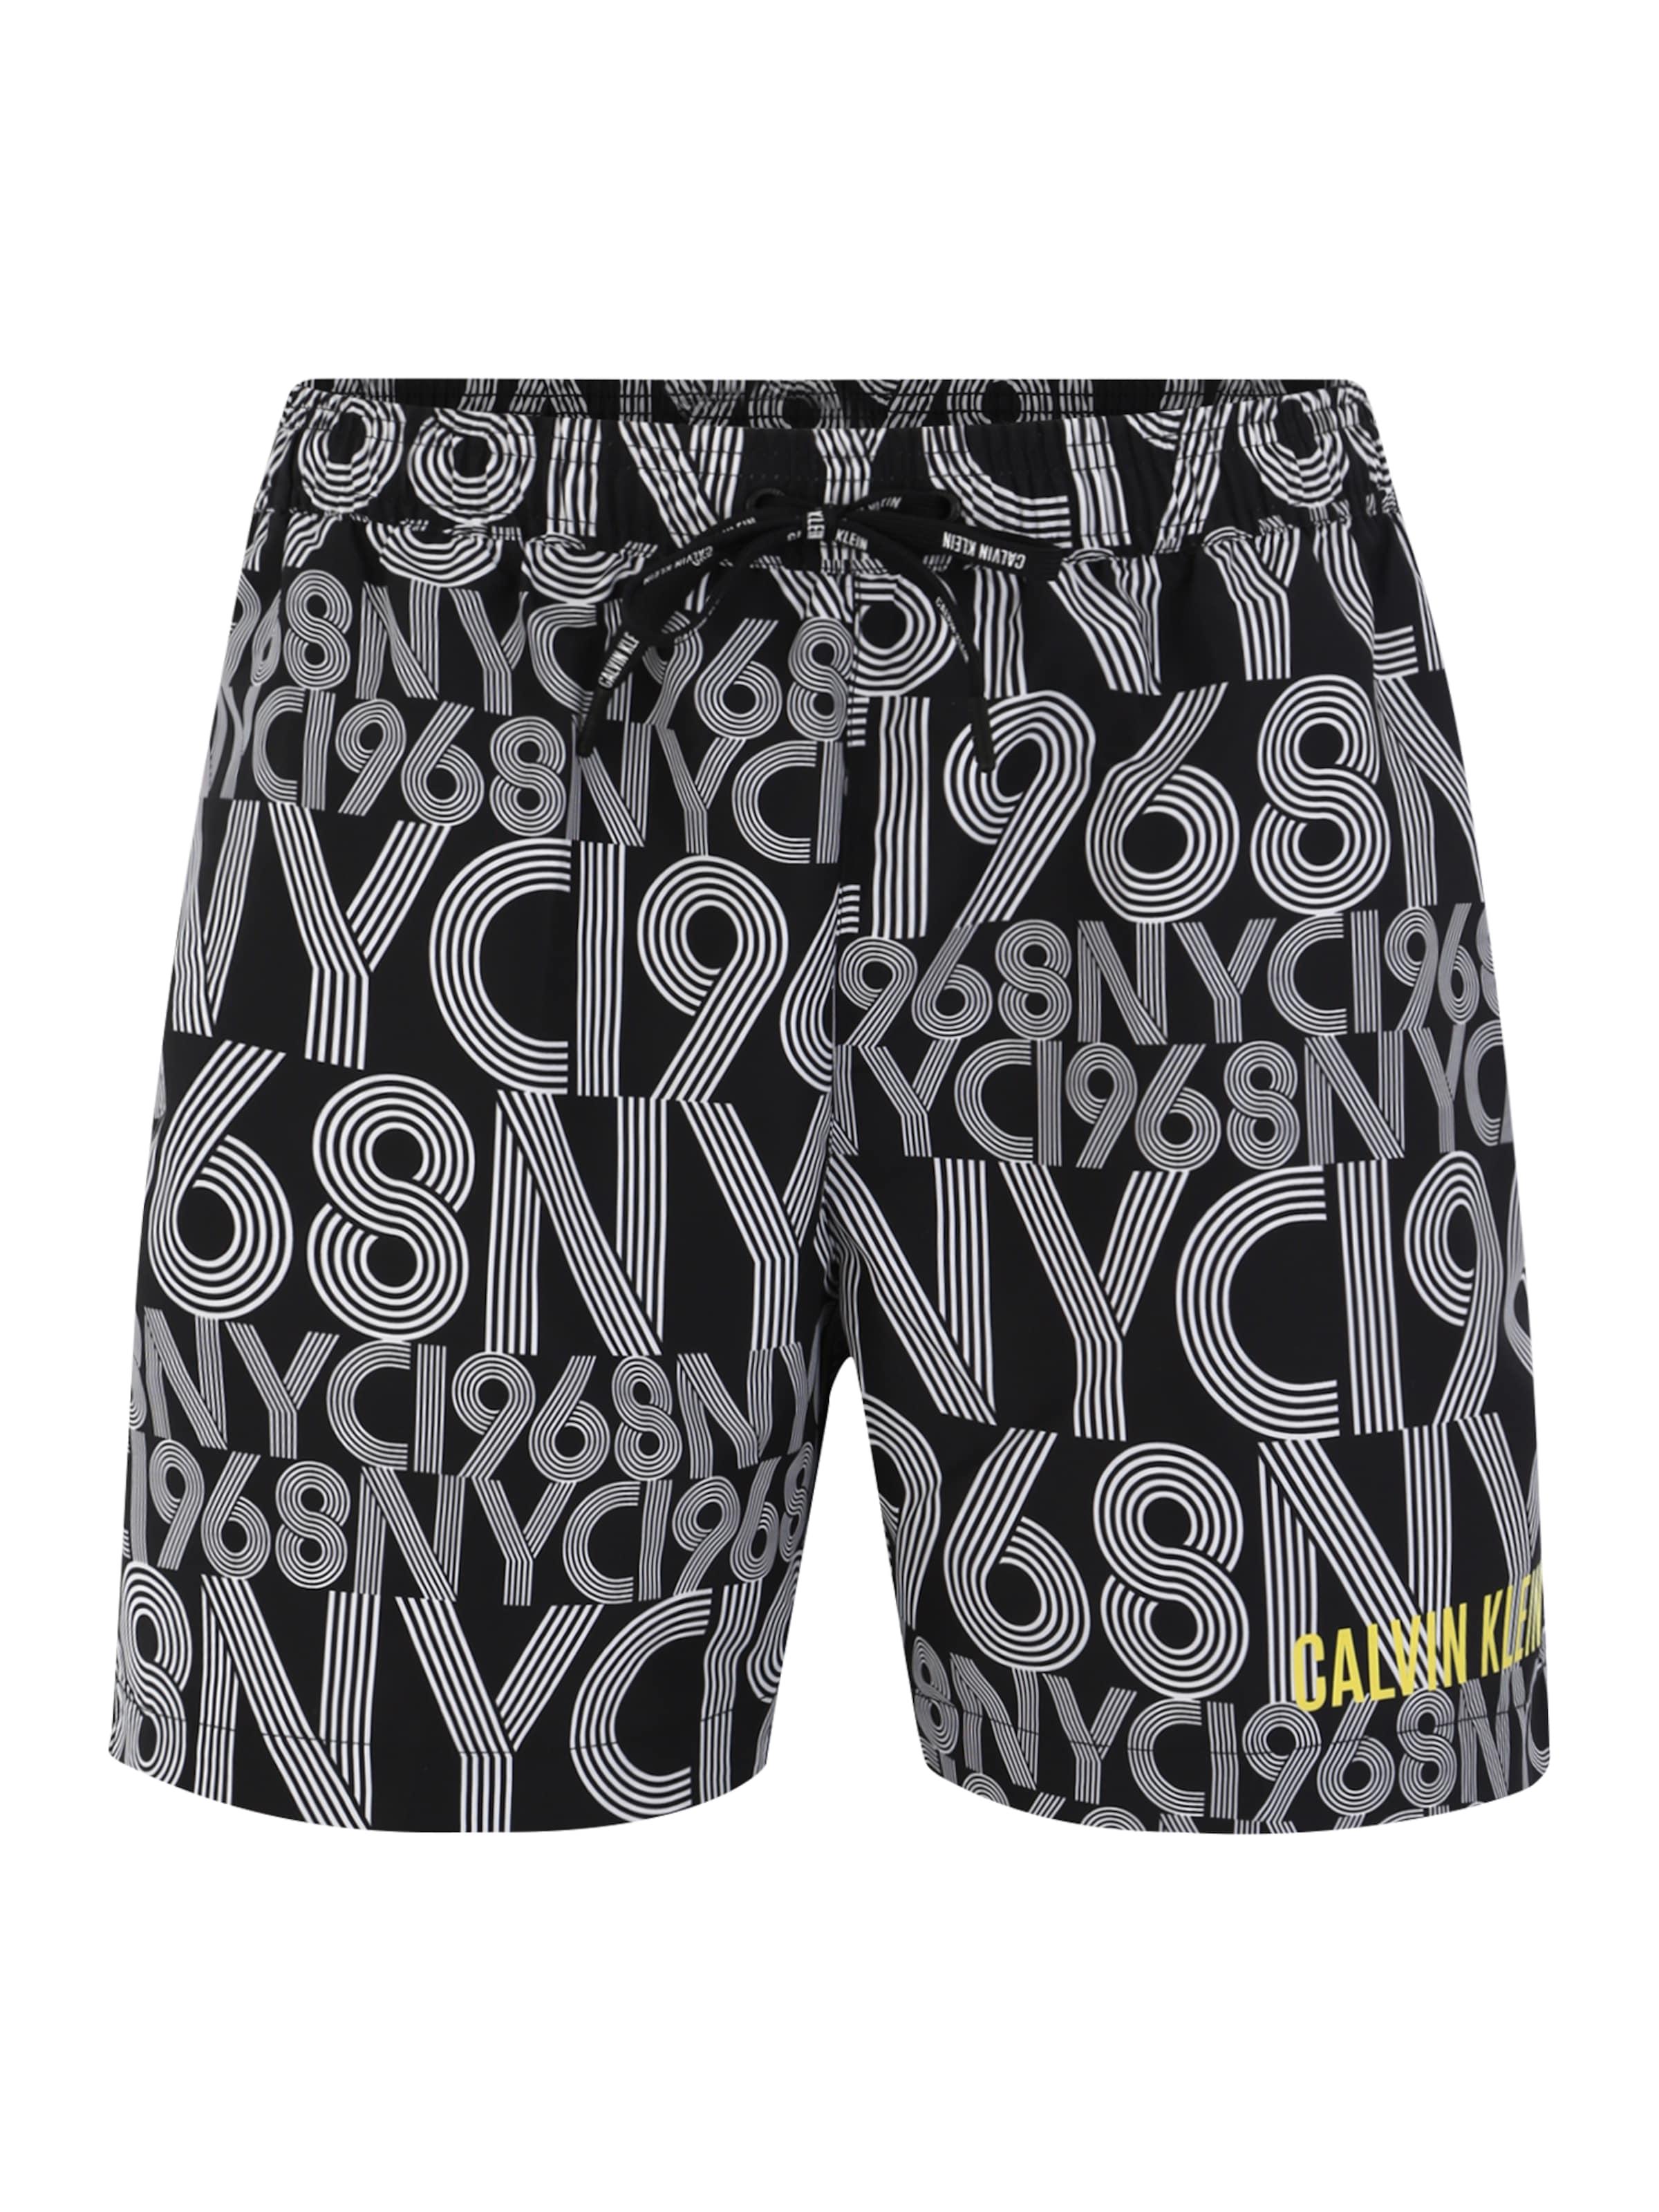 Badeshorts Calvin Klein Swimwear In GrauSchwarz mw08vNn